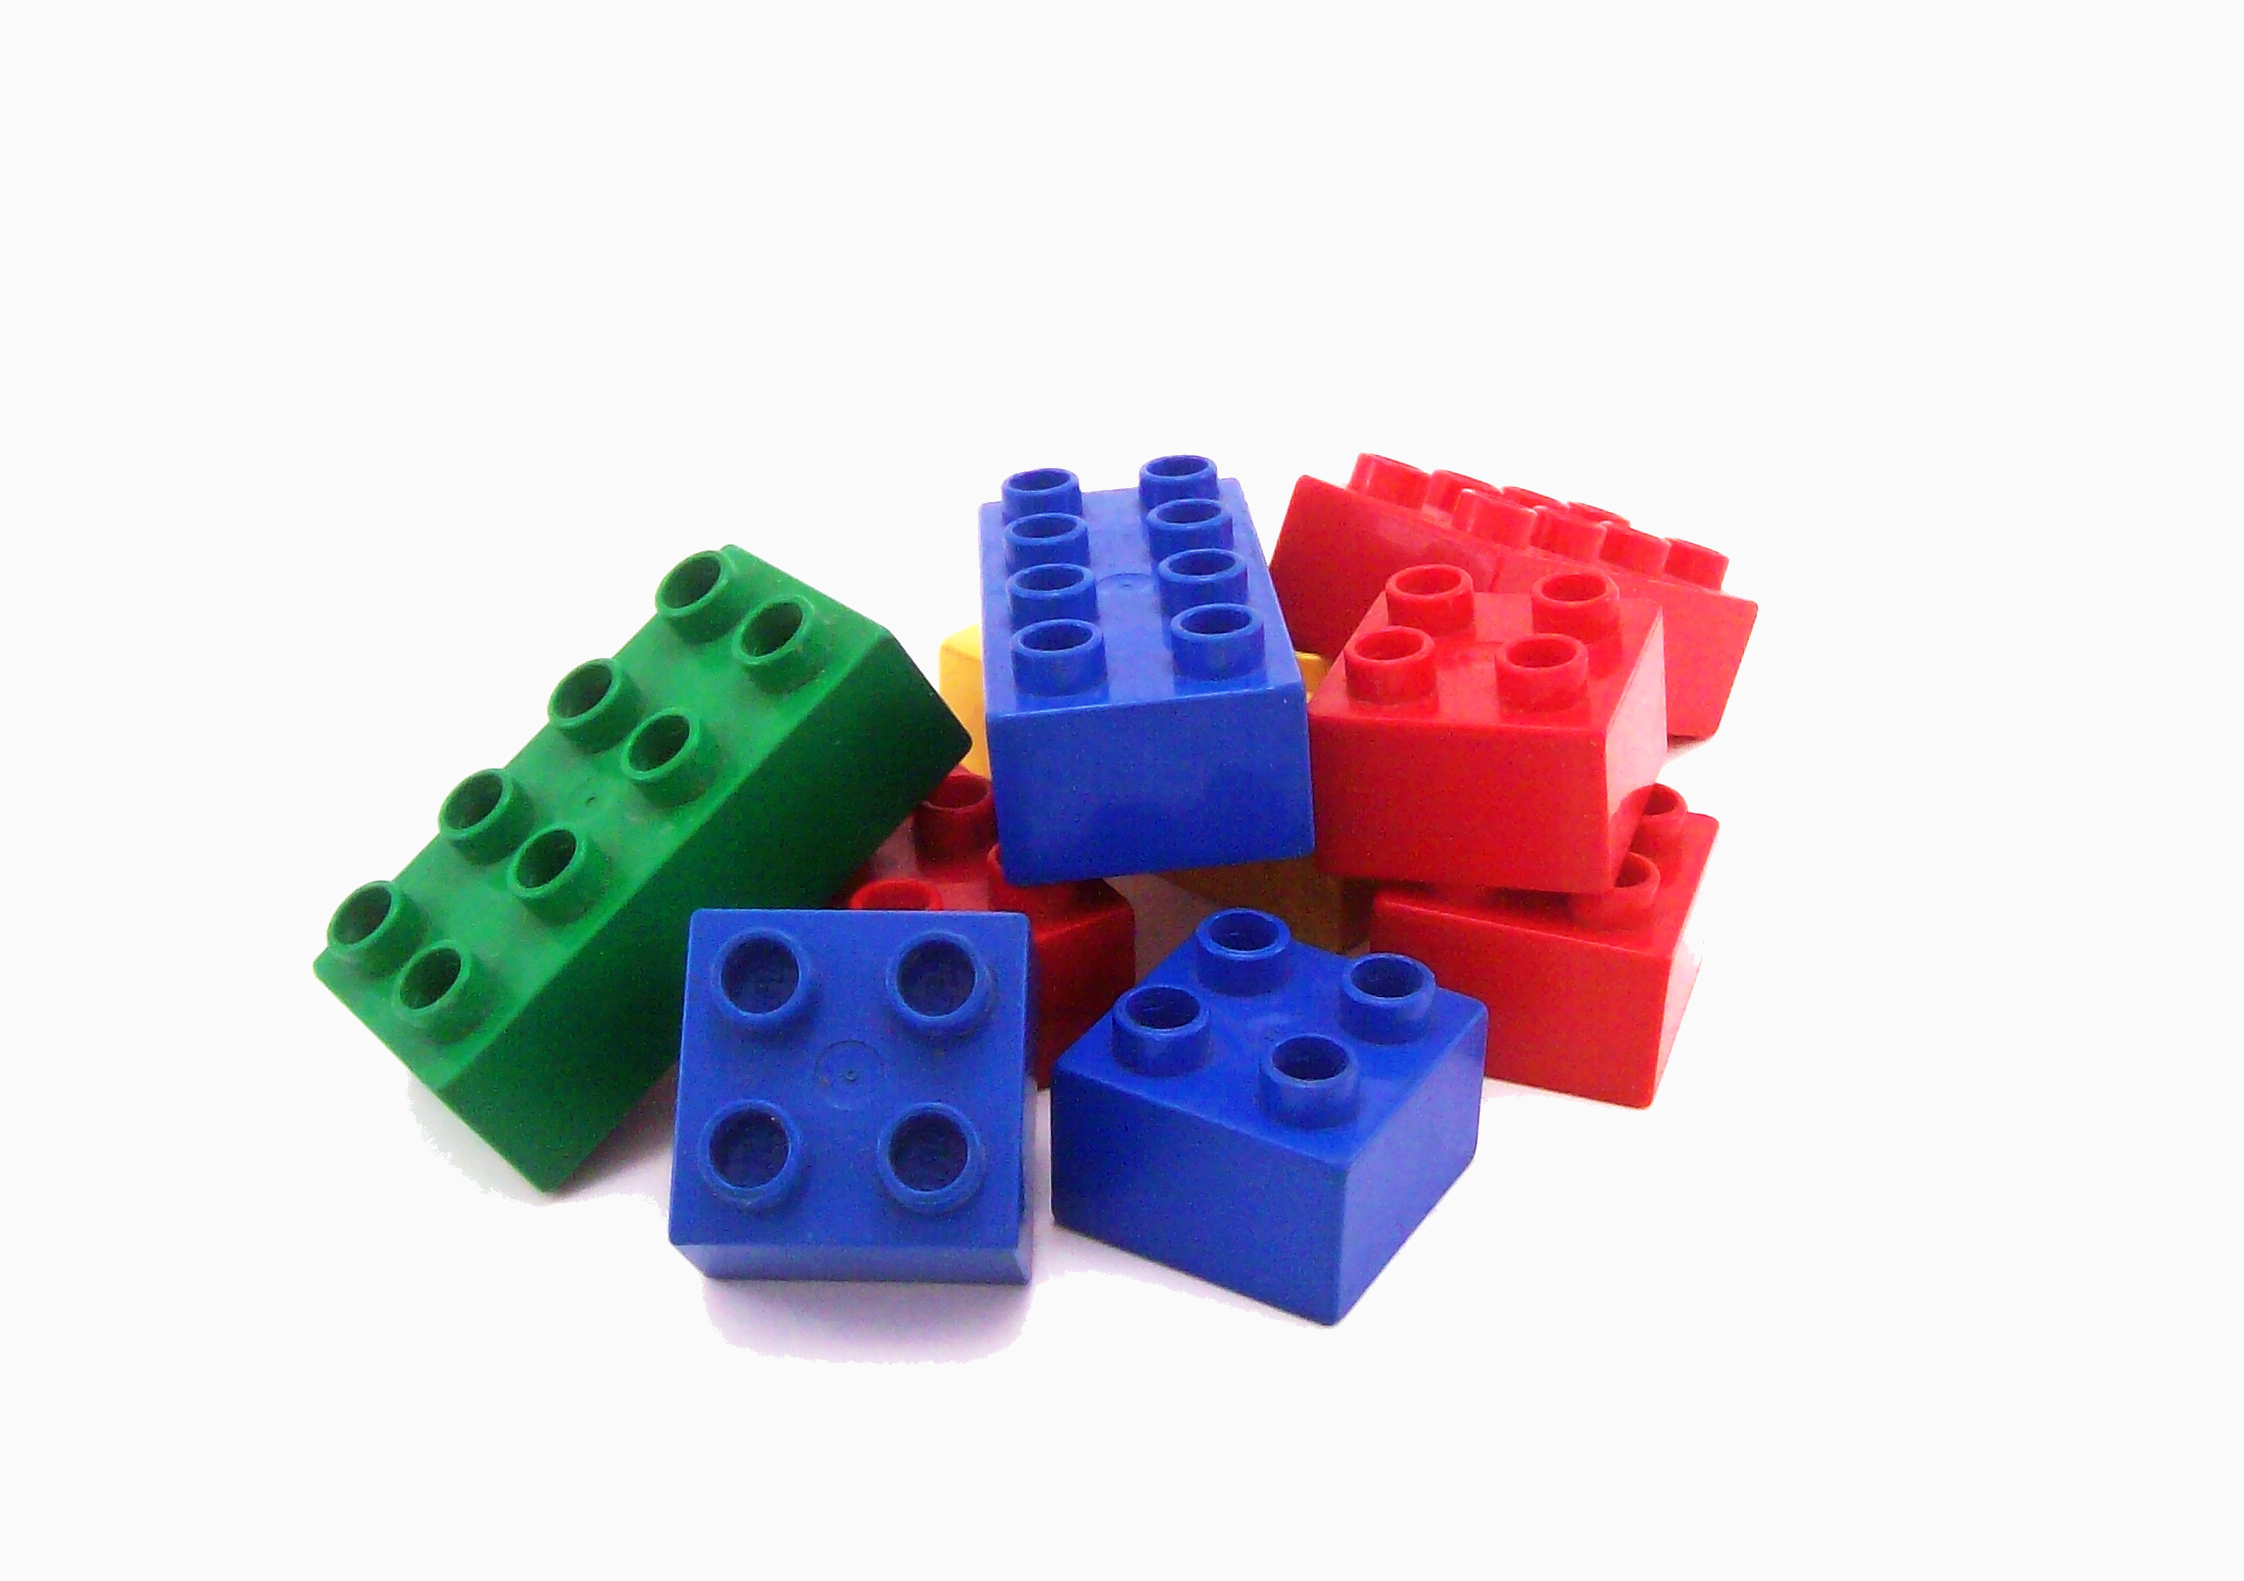 2244x1581 Top 66 Lego Clip Art